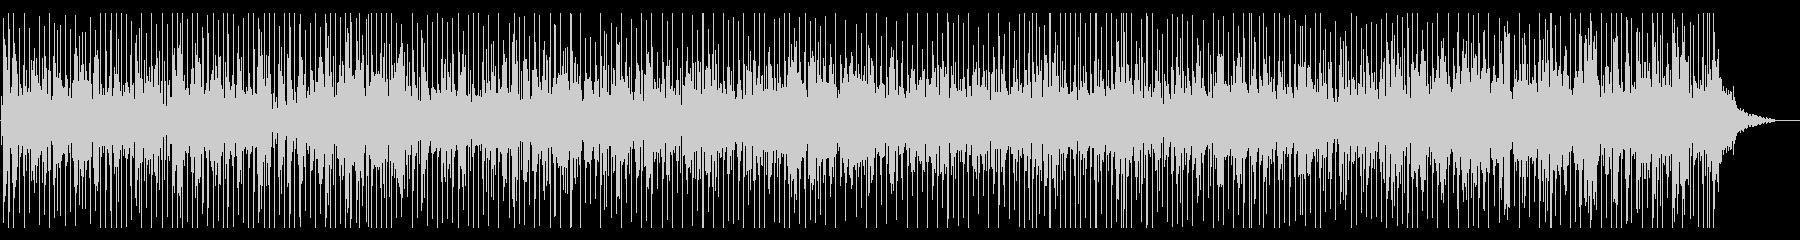 ピアノが印象的な爽やかな作品の未再生の波形